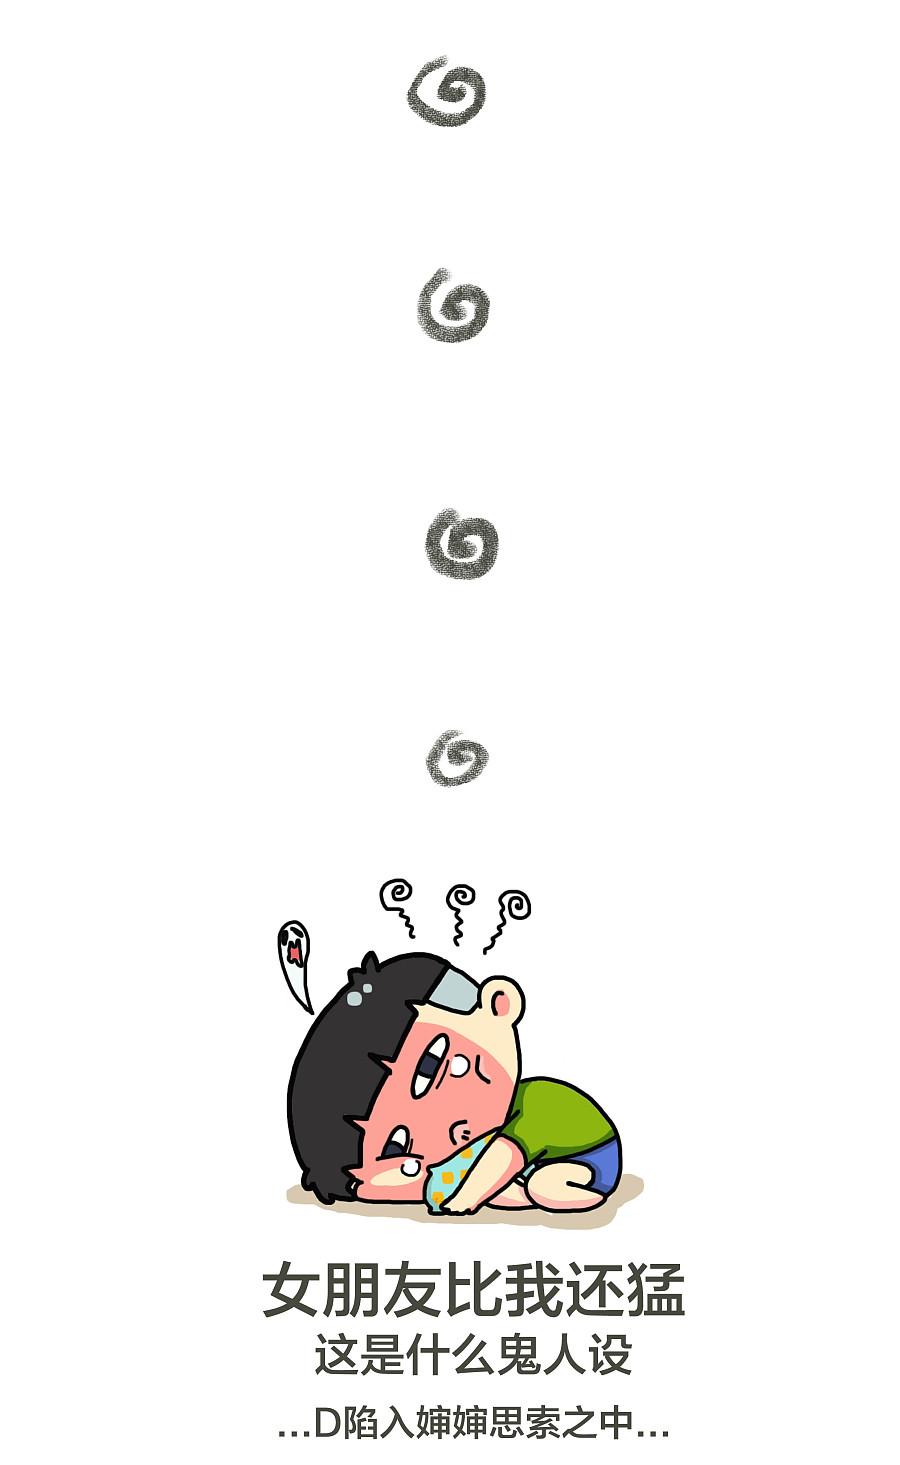 无聊漫画///给舞美学会画的女生节小漫画图片